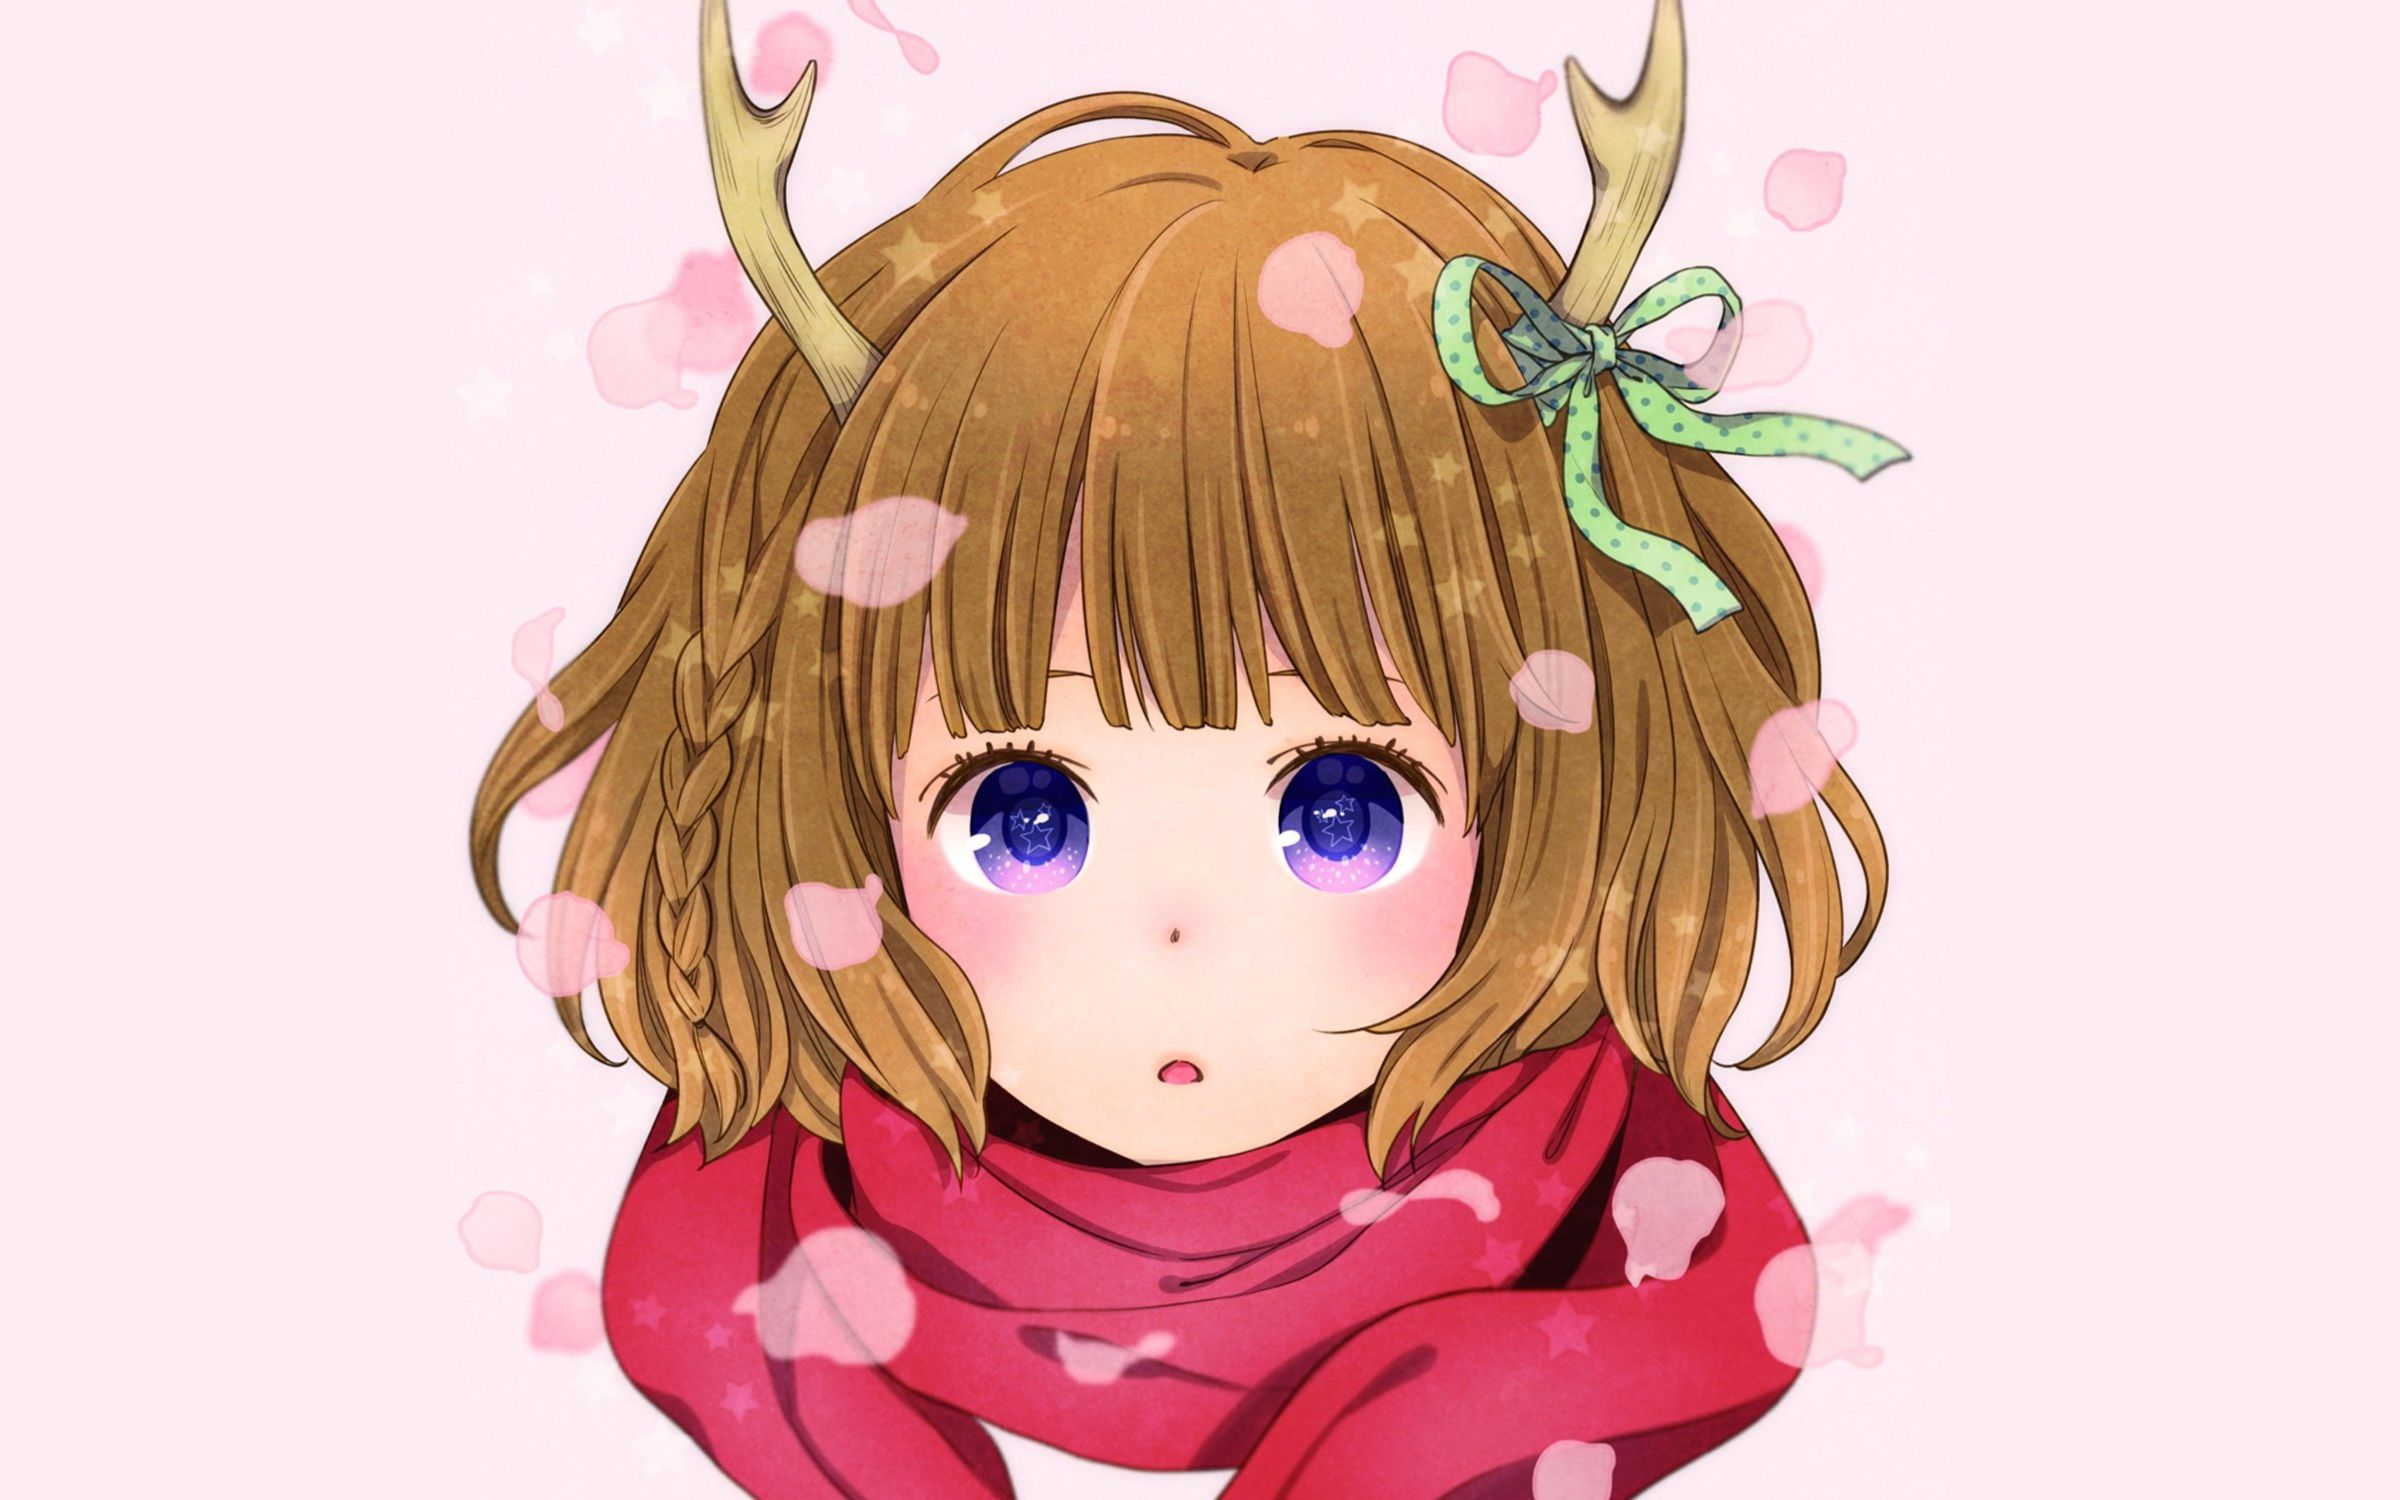 【萝莉音】鹿乃 - アイロニ